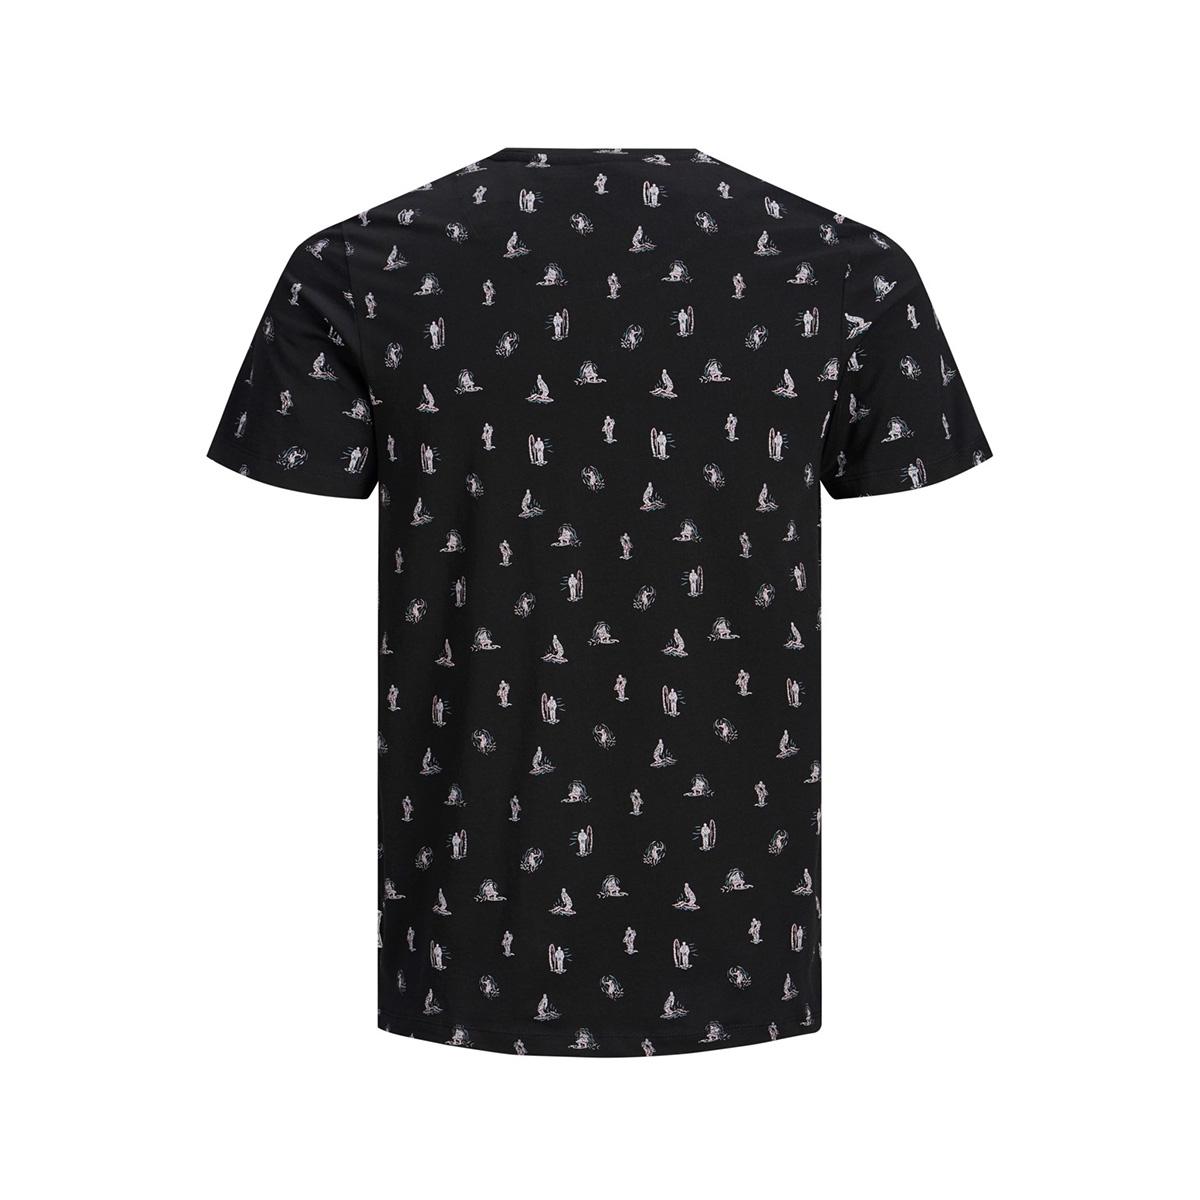 pktgms dude aop tee ss 12153738 produkt t-shirt black